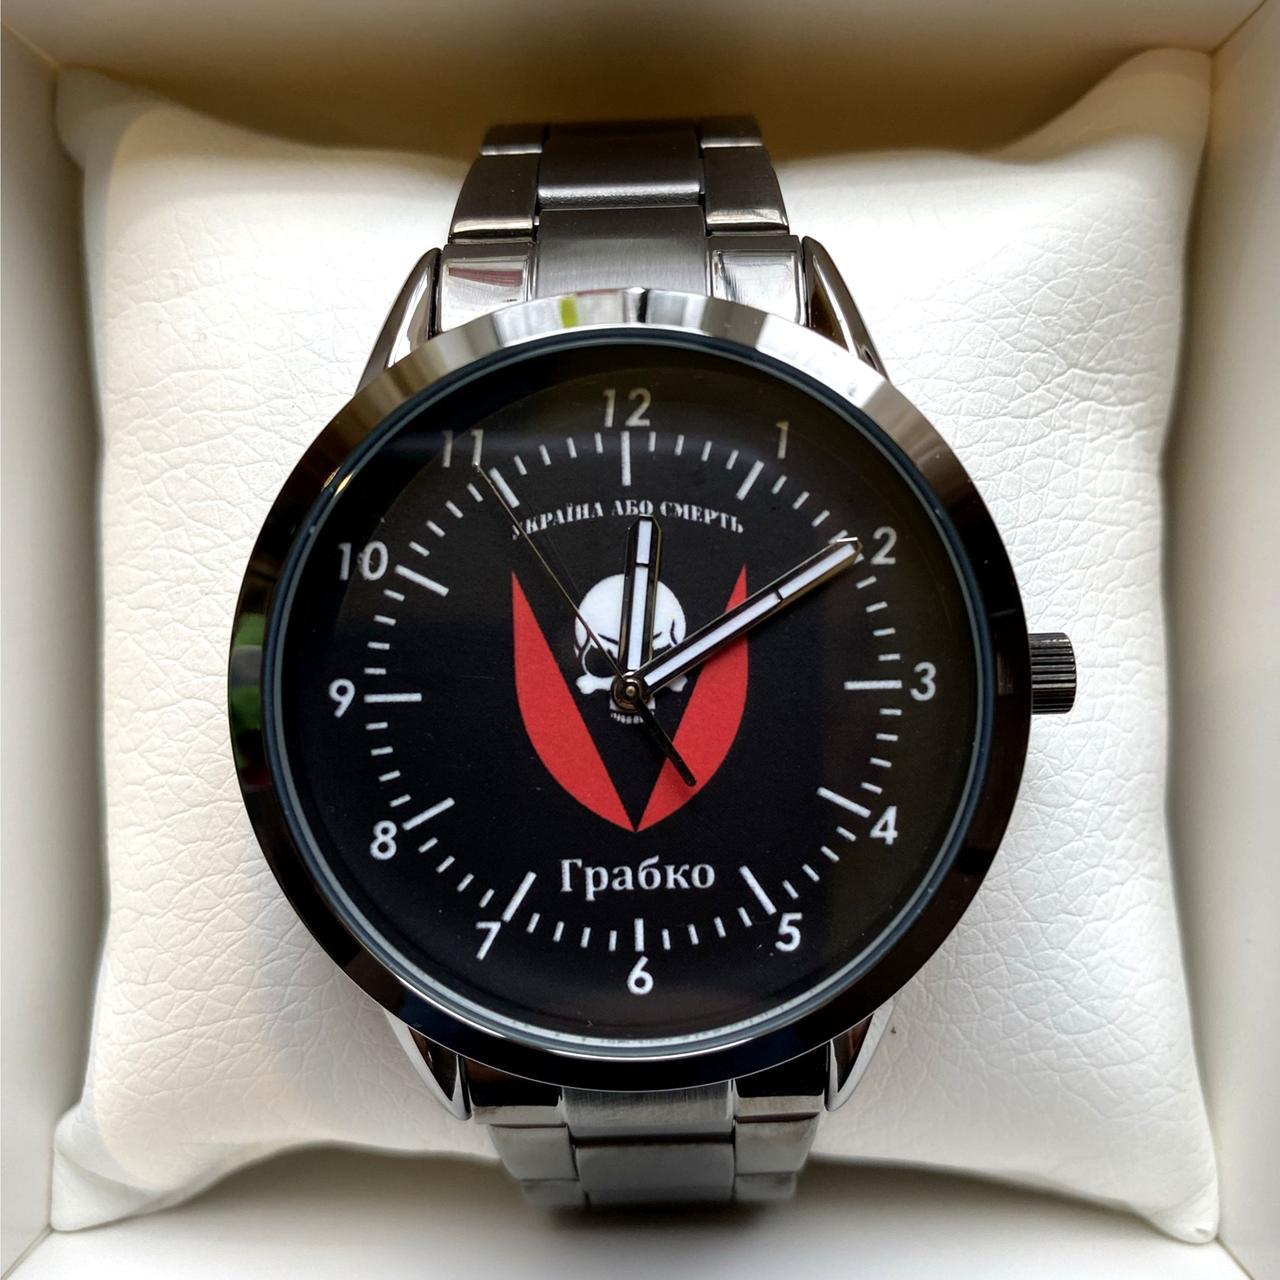 Часы наручные Q&Q с логотипом Бригада імені Чорних Запорожців